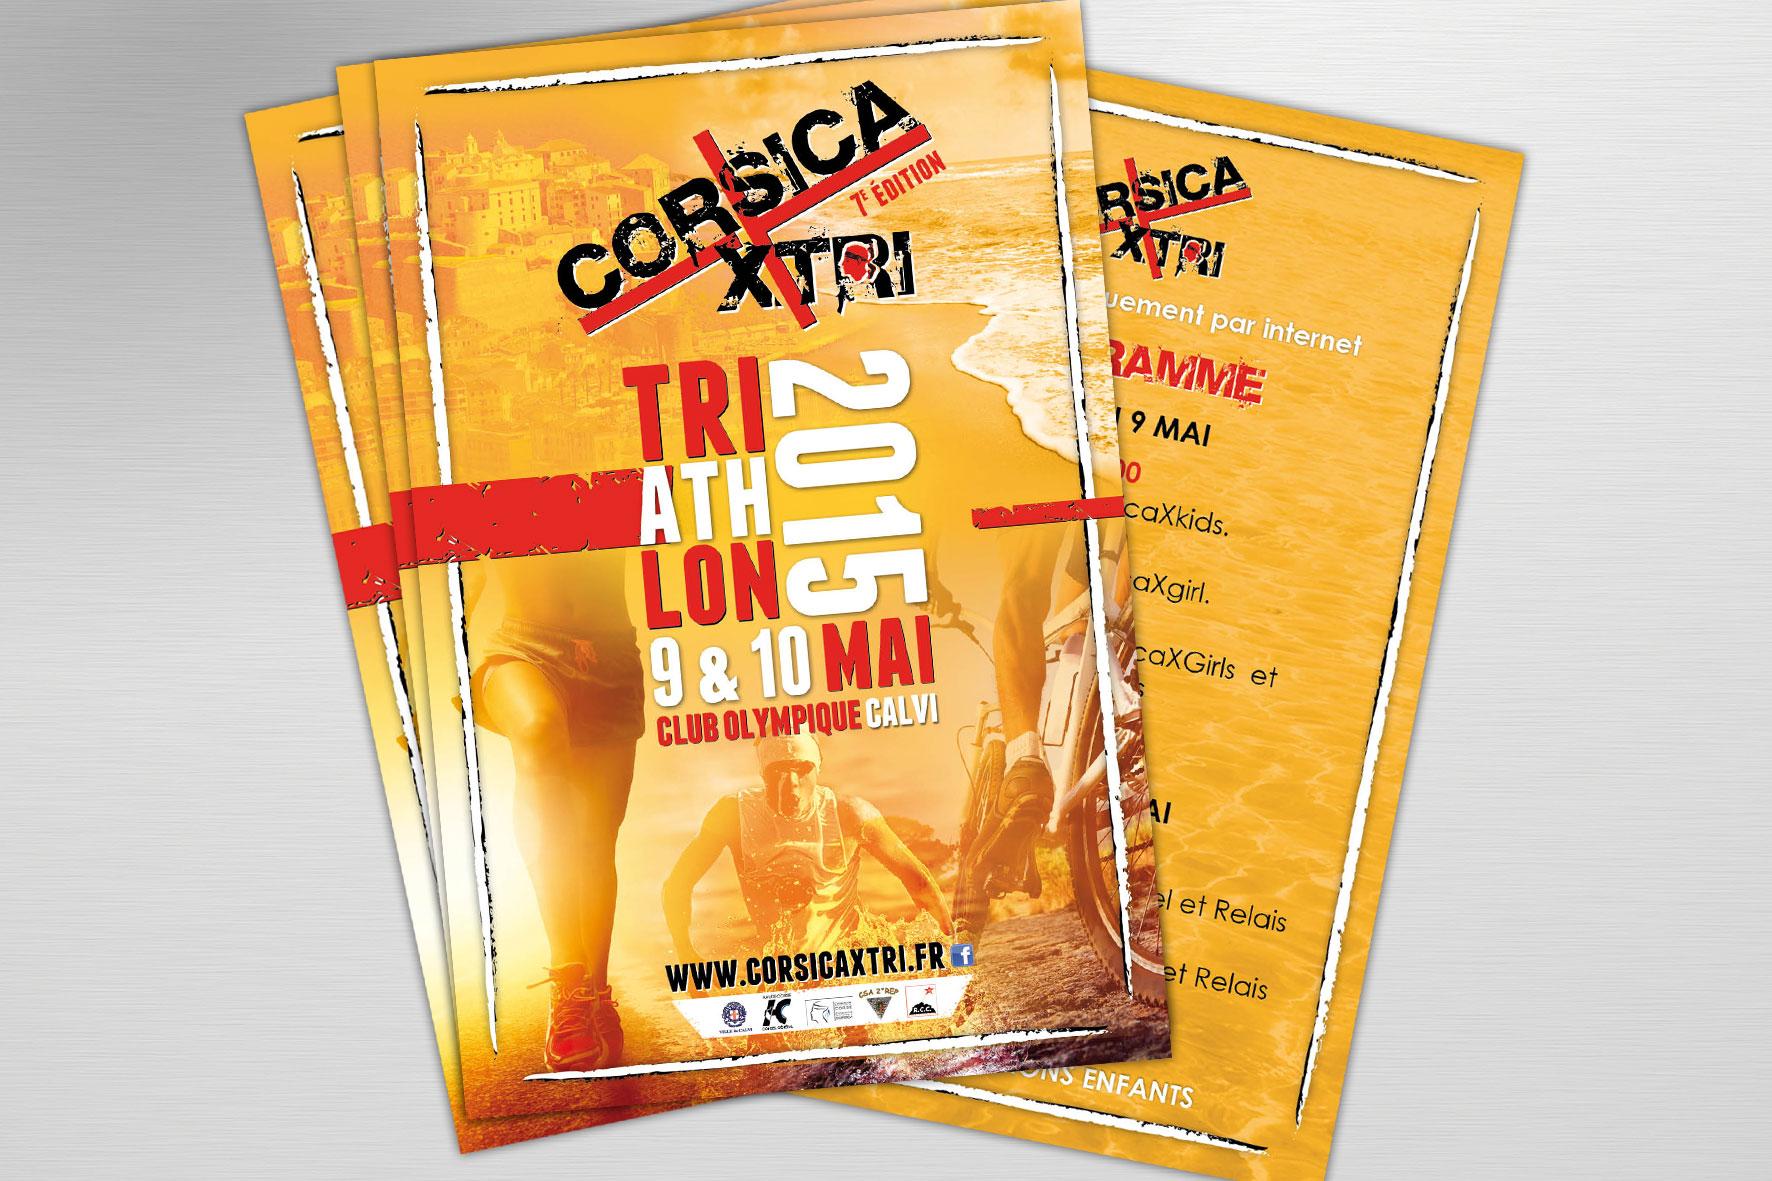 Corsica XTri 2015